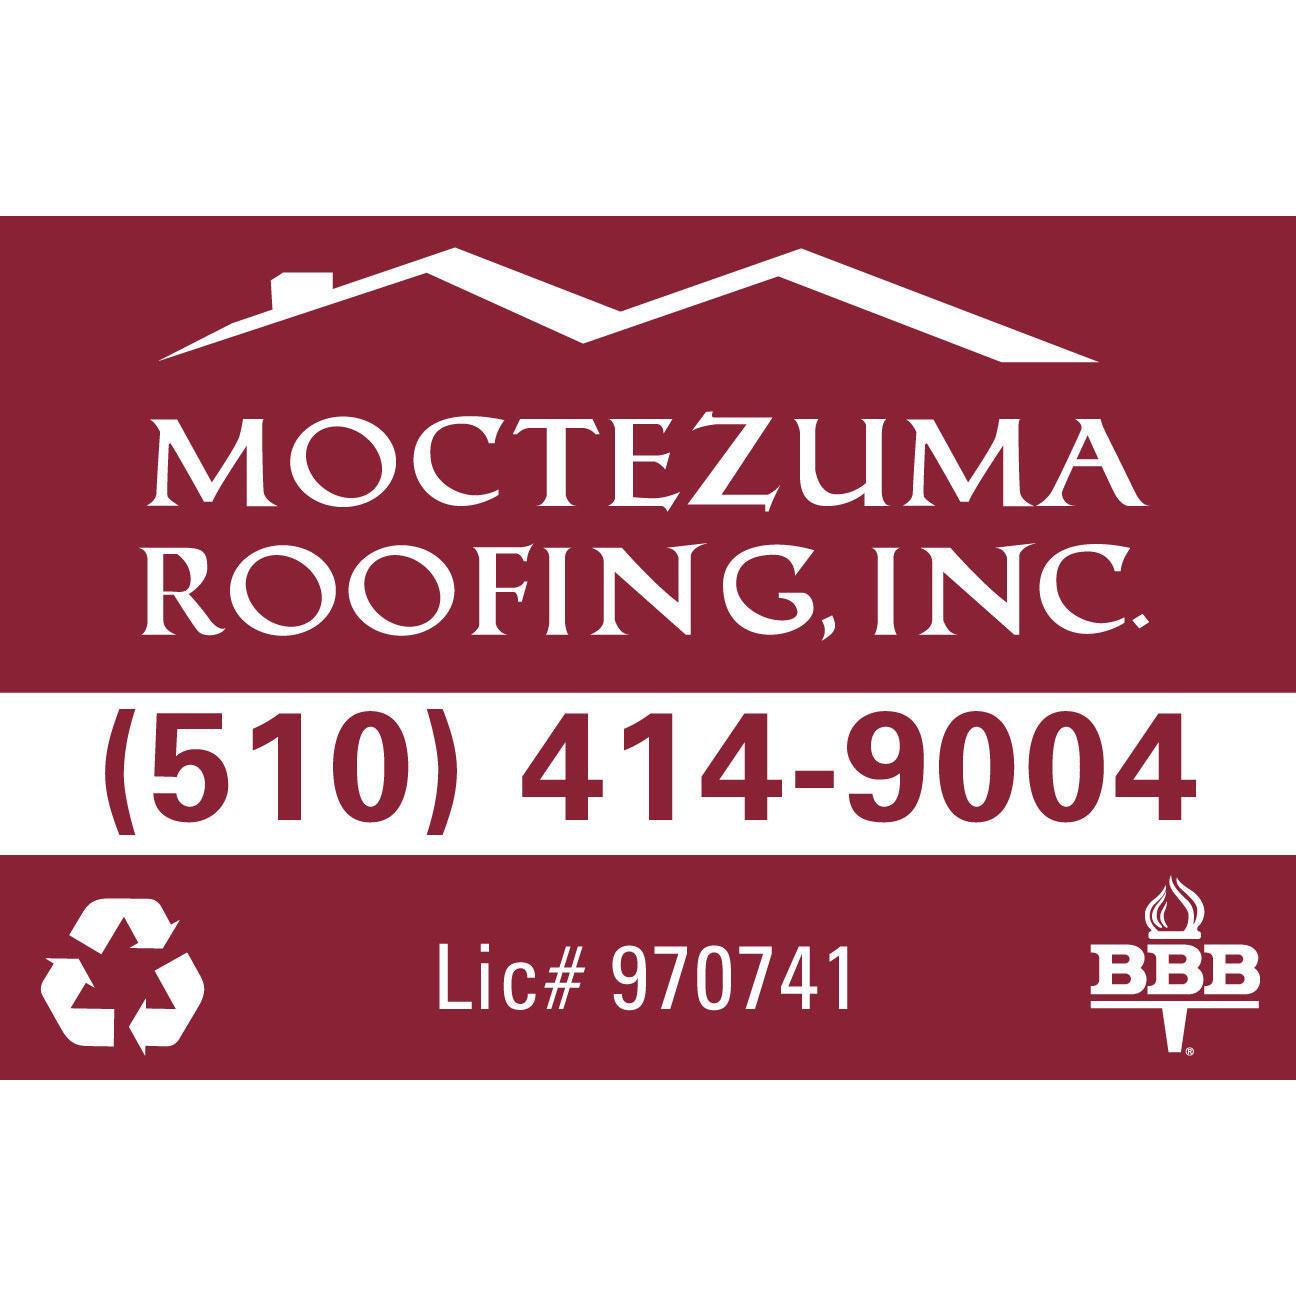 Moctezuma Roofing, Inc.